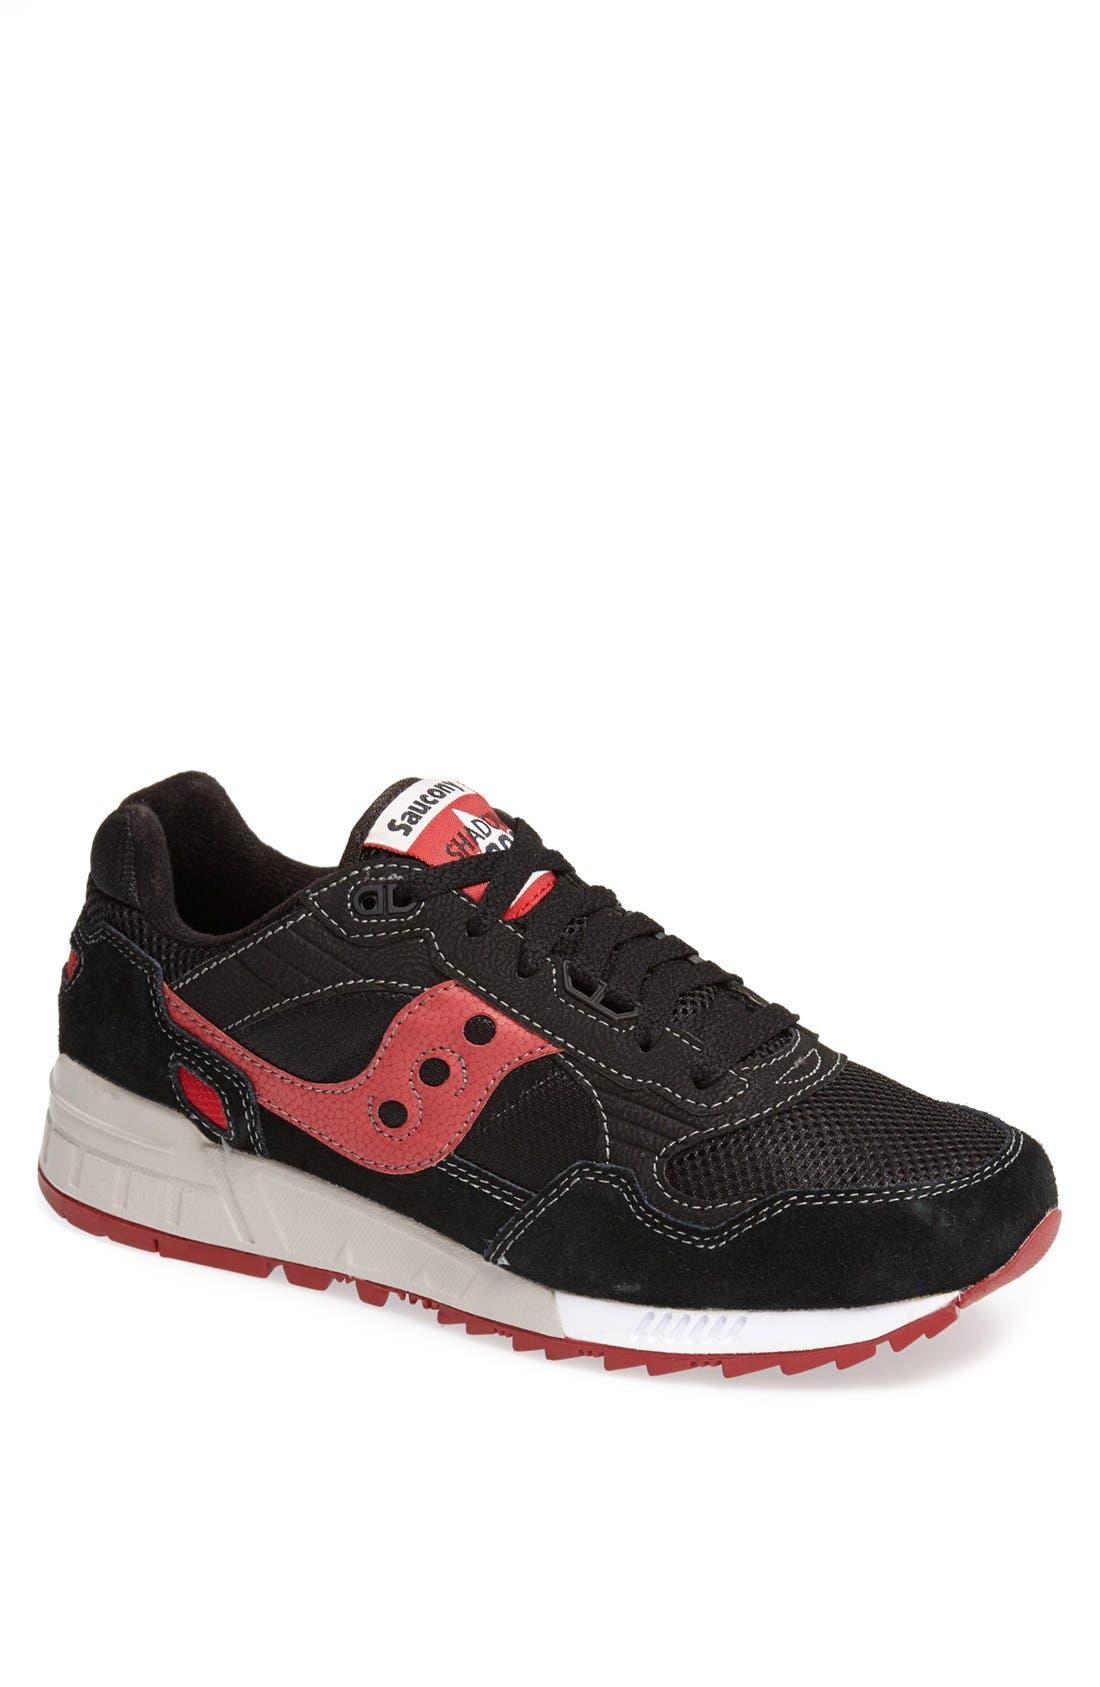 Main Image - Saucony 'Shadow 5000' Sneaker (Men)